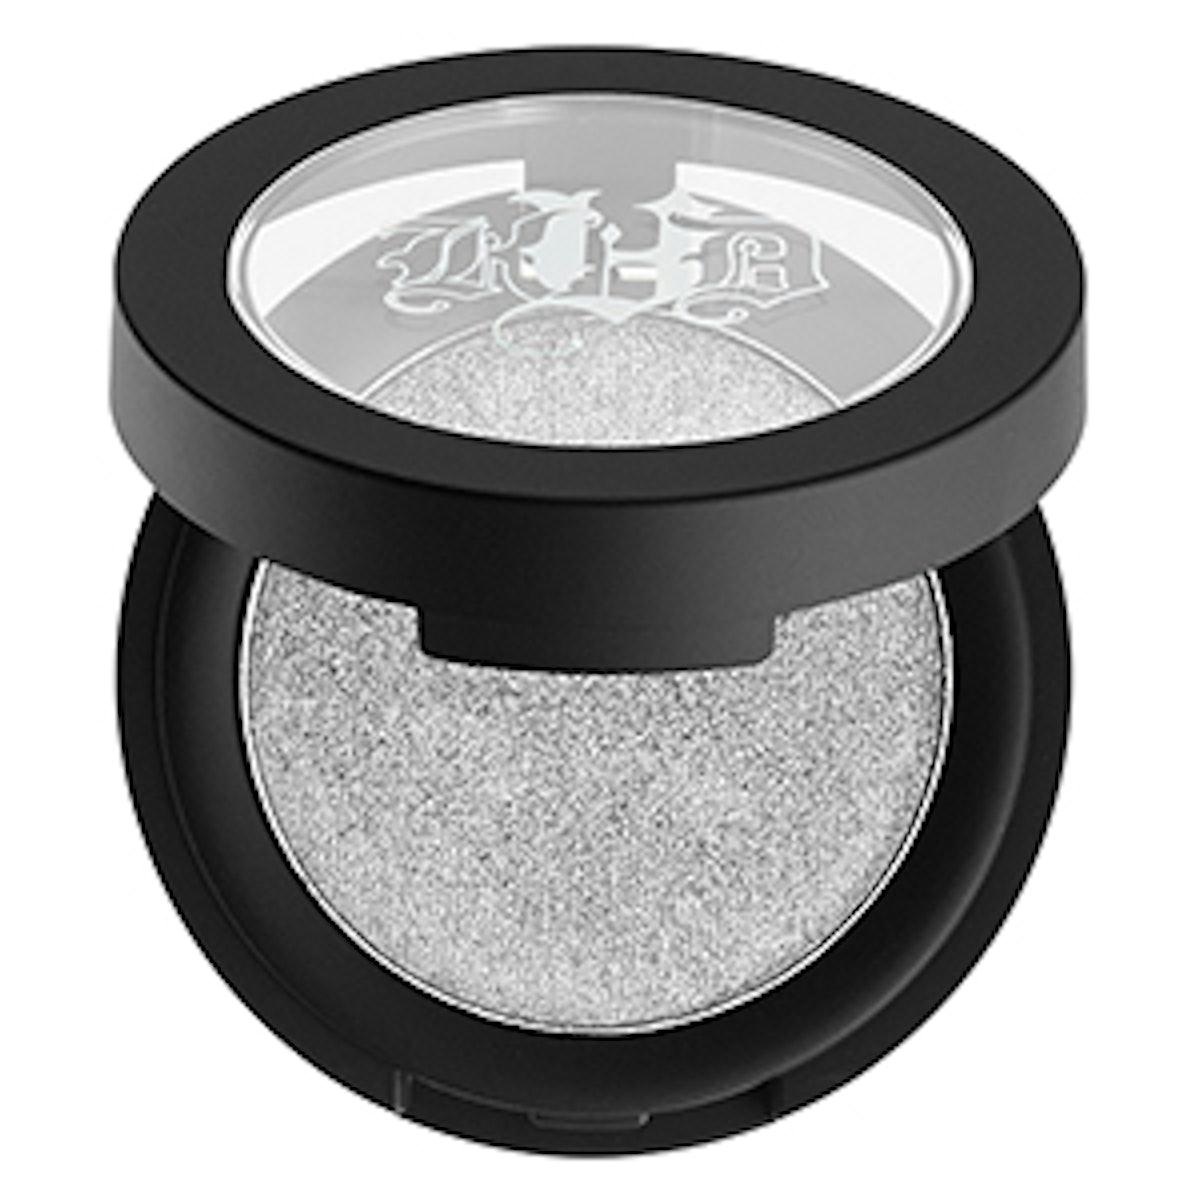 Metal Crush Eyeshadow in Static Age